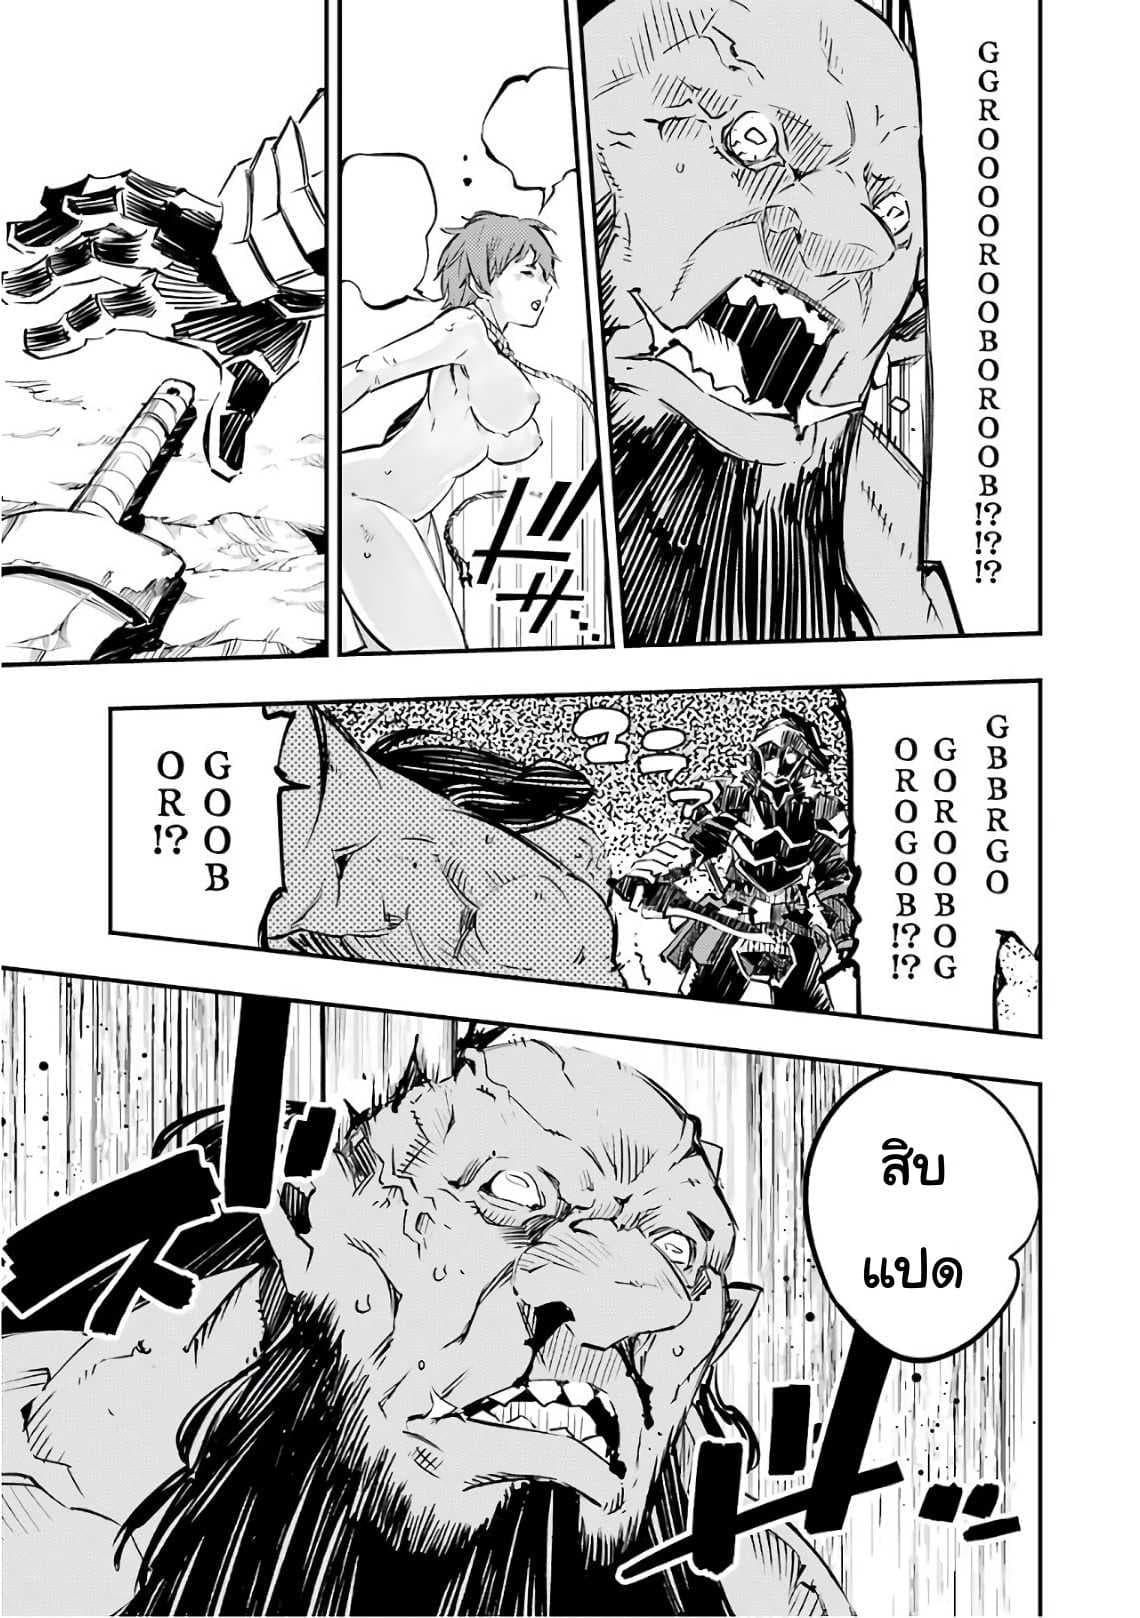 อ่านการ์ตูน Goblin Slayer Brand New Day ตอนที่ 4 หน้าที่ 43